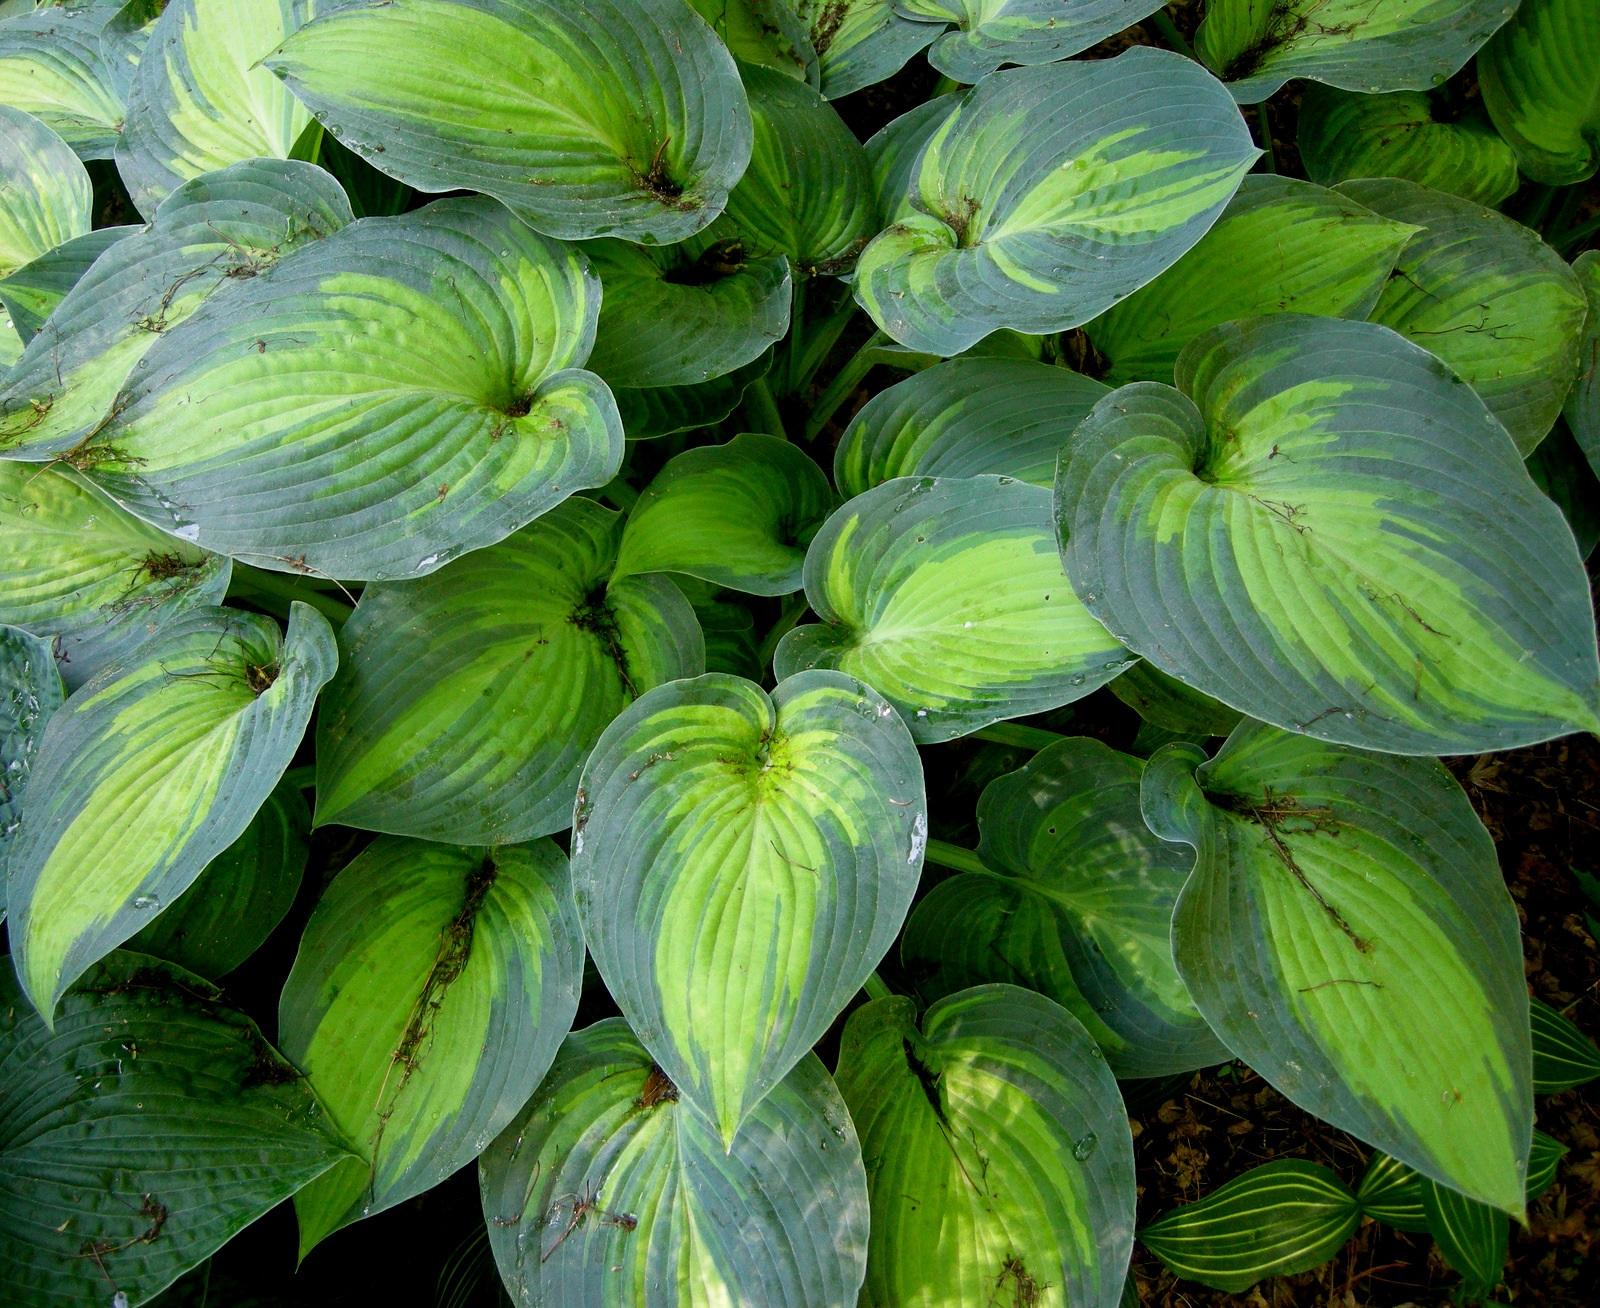 Яркие сочетания зеленого на листьях